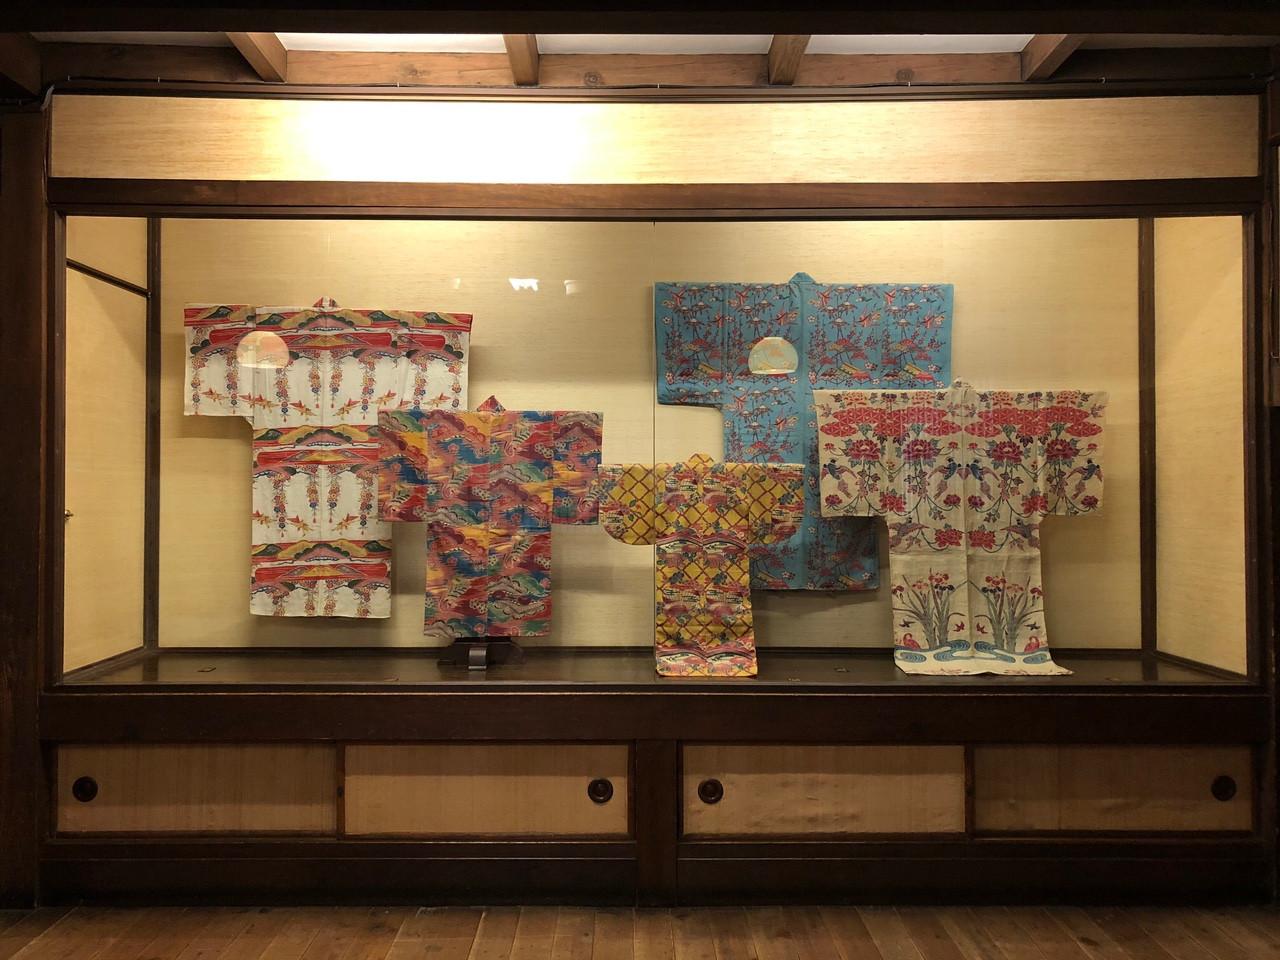 日本民藝館「日本民藝館改修記念 名品展I」会場 琉球の富